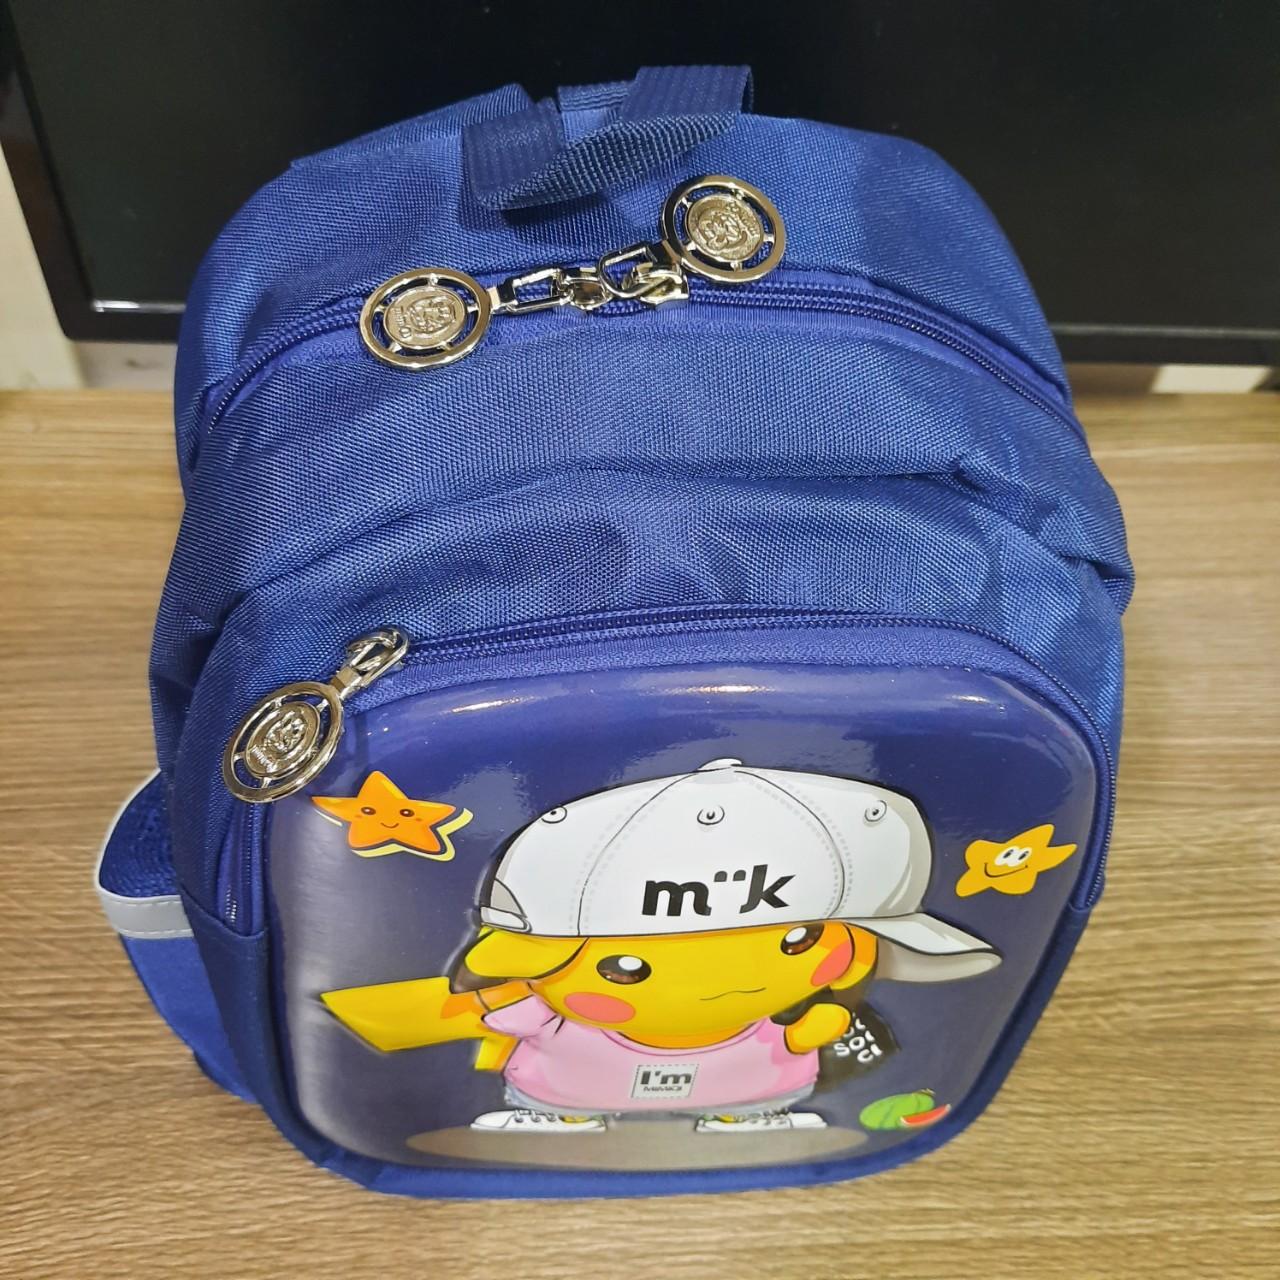 Balo đi học trẻ em thời trang Hình Pikechu siêu đẹp M21 Shalla HK2 (balo đi học trẻ em giá sỉ)